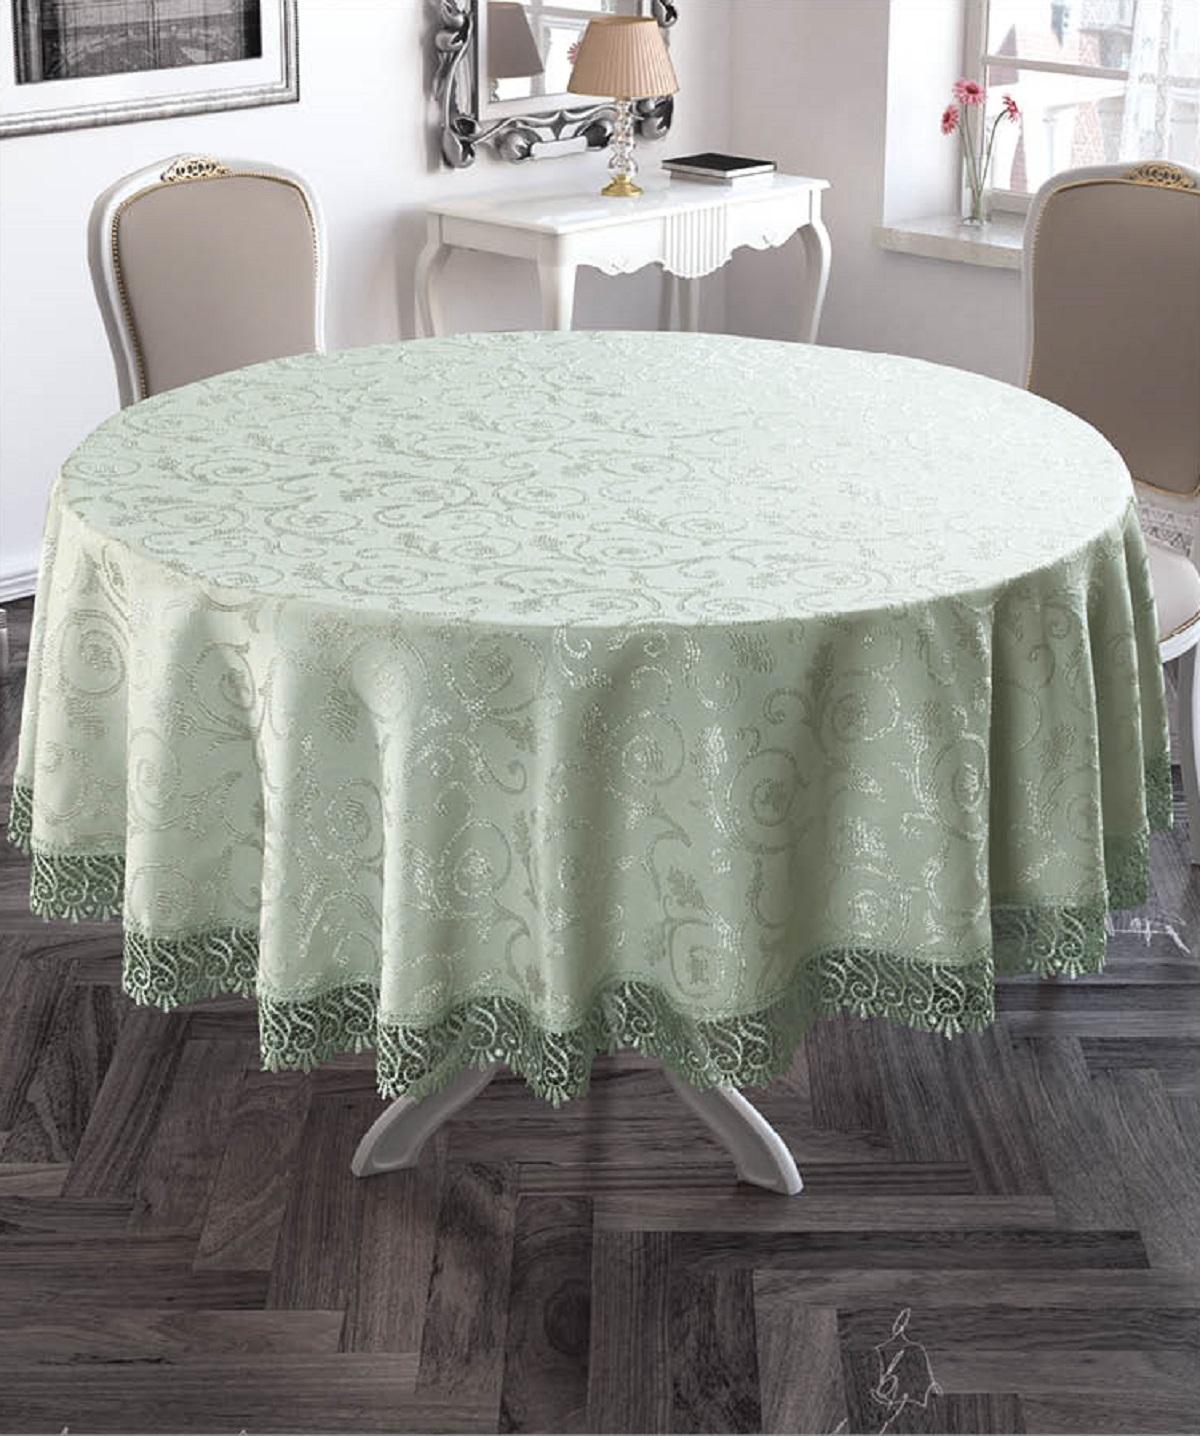 Скатерть Karna KDK, круглая, 3147/CHAR005, светло-зеленый, диаметр 160 см